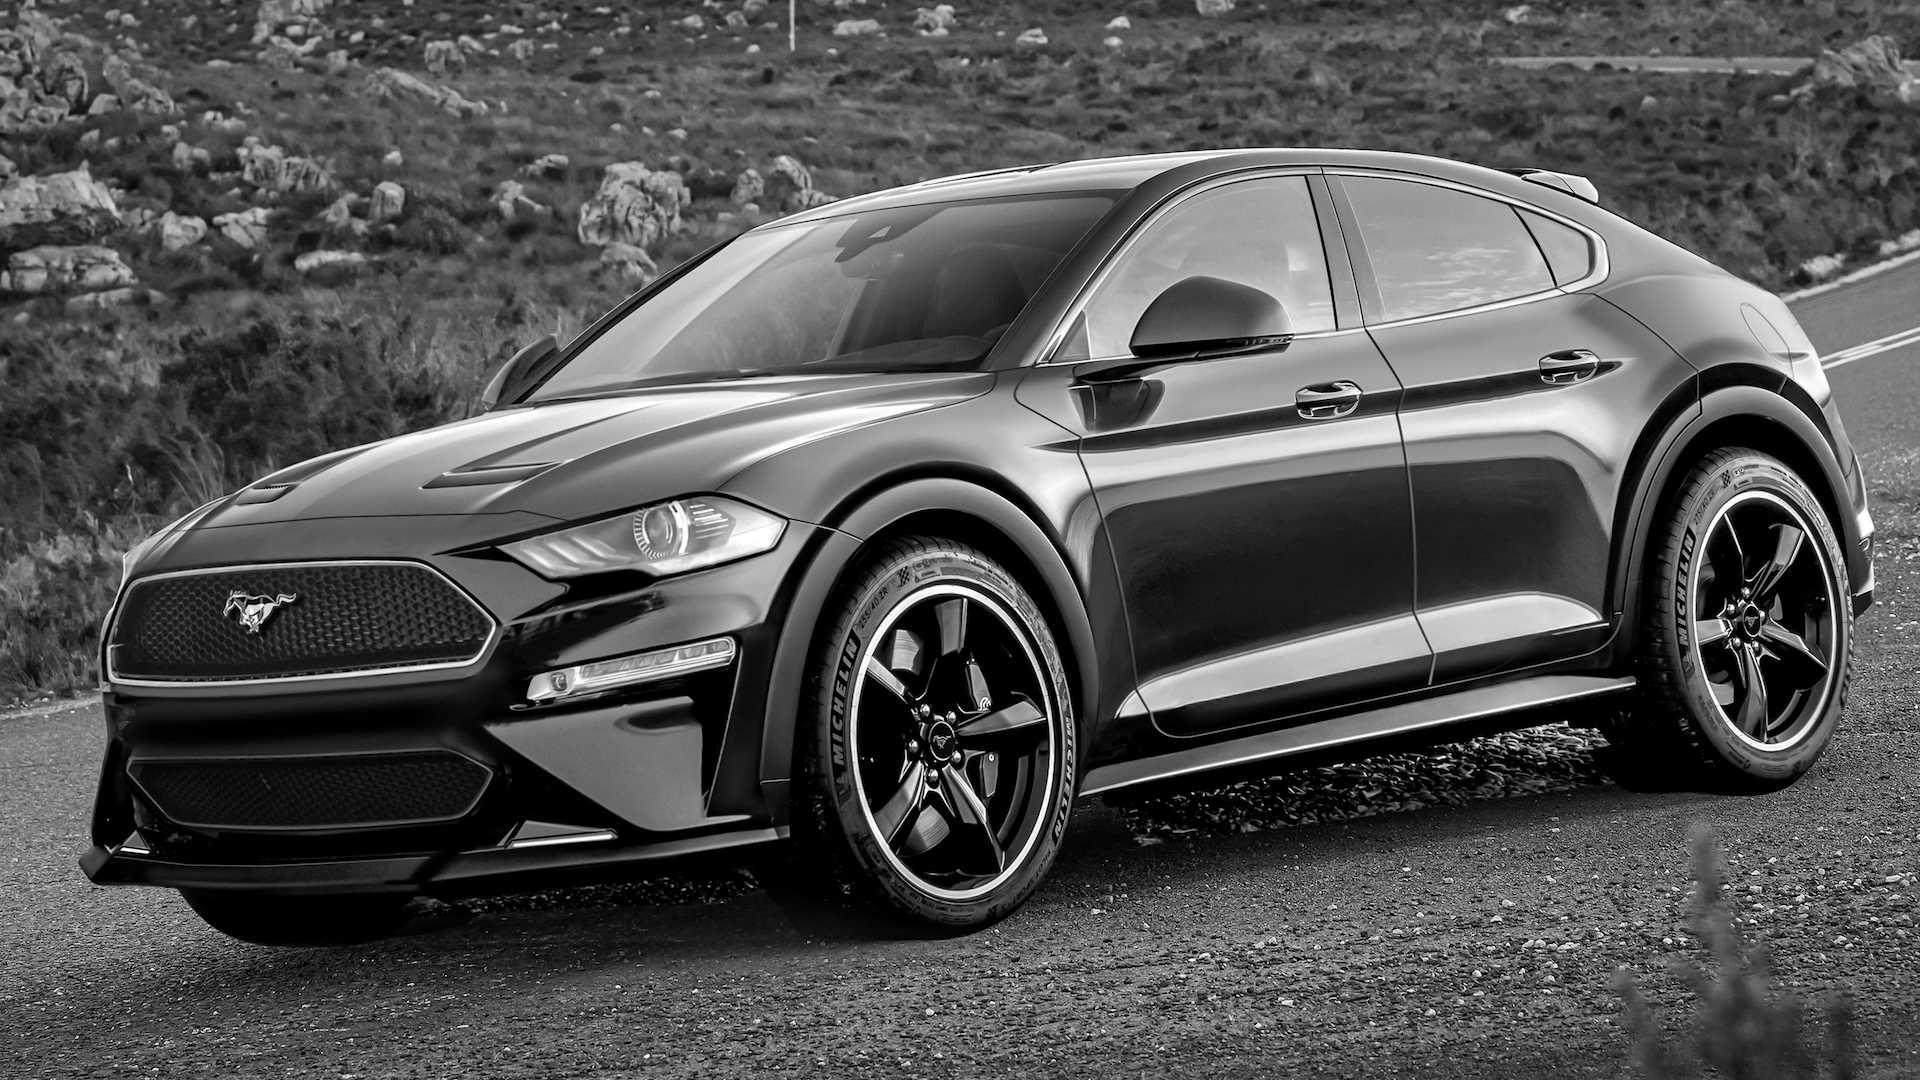 Il SUV elettrico di Ford ispirato alle Mustang sarà così?